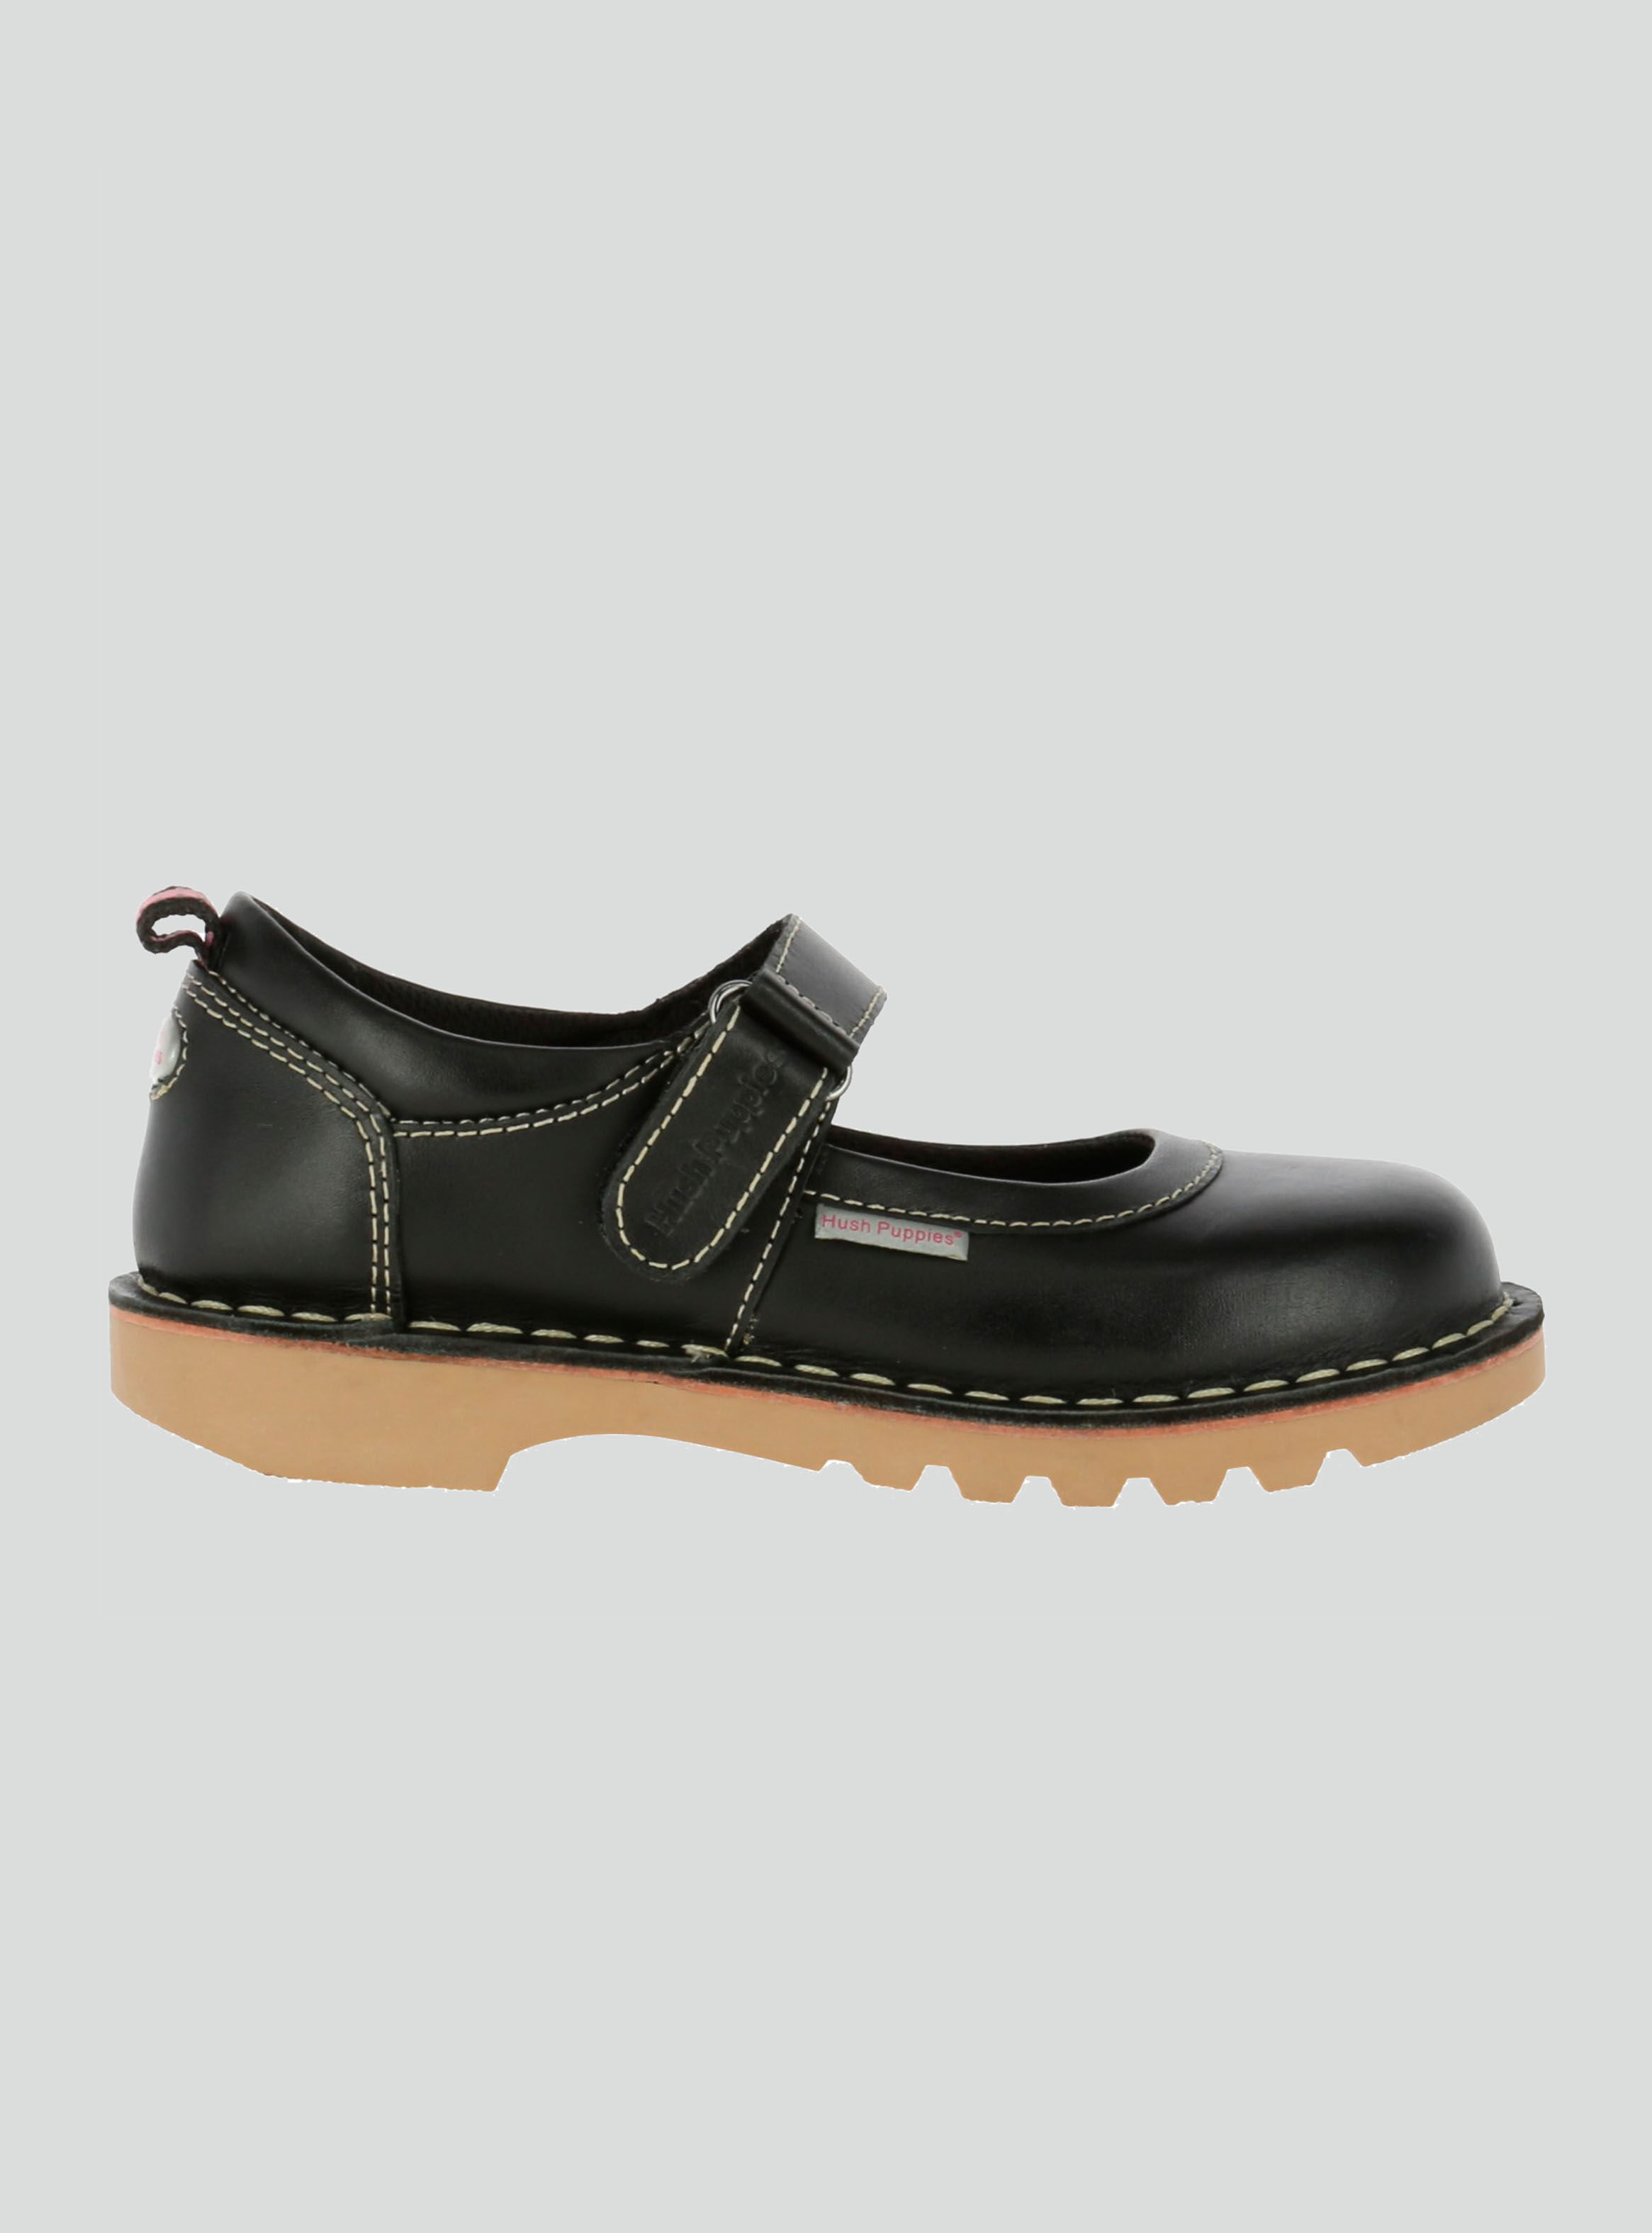 Pruebas Para Escolares cl Paris Zapatos Las Pasar Todas d5qfAwXv